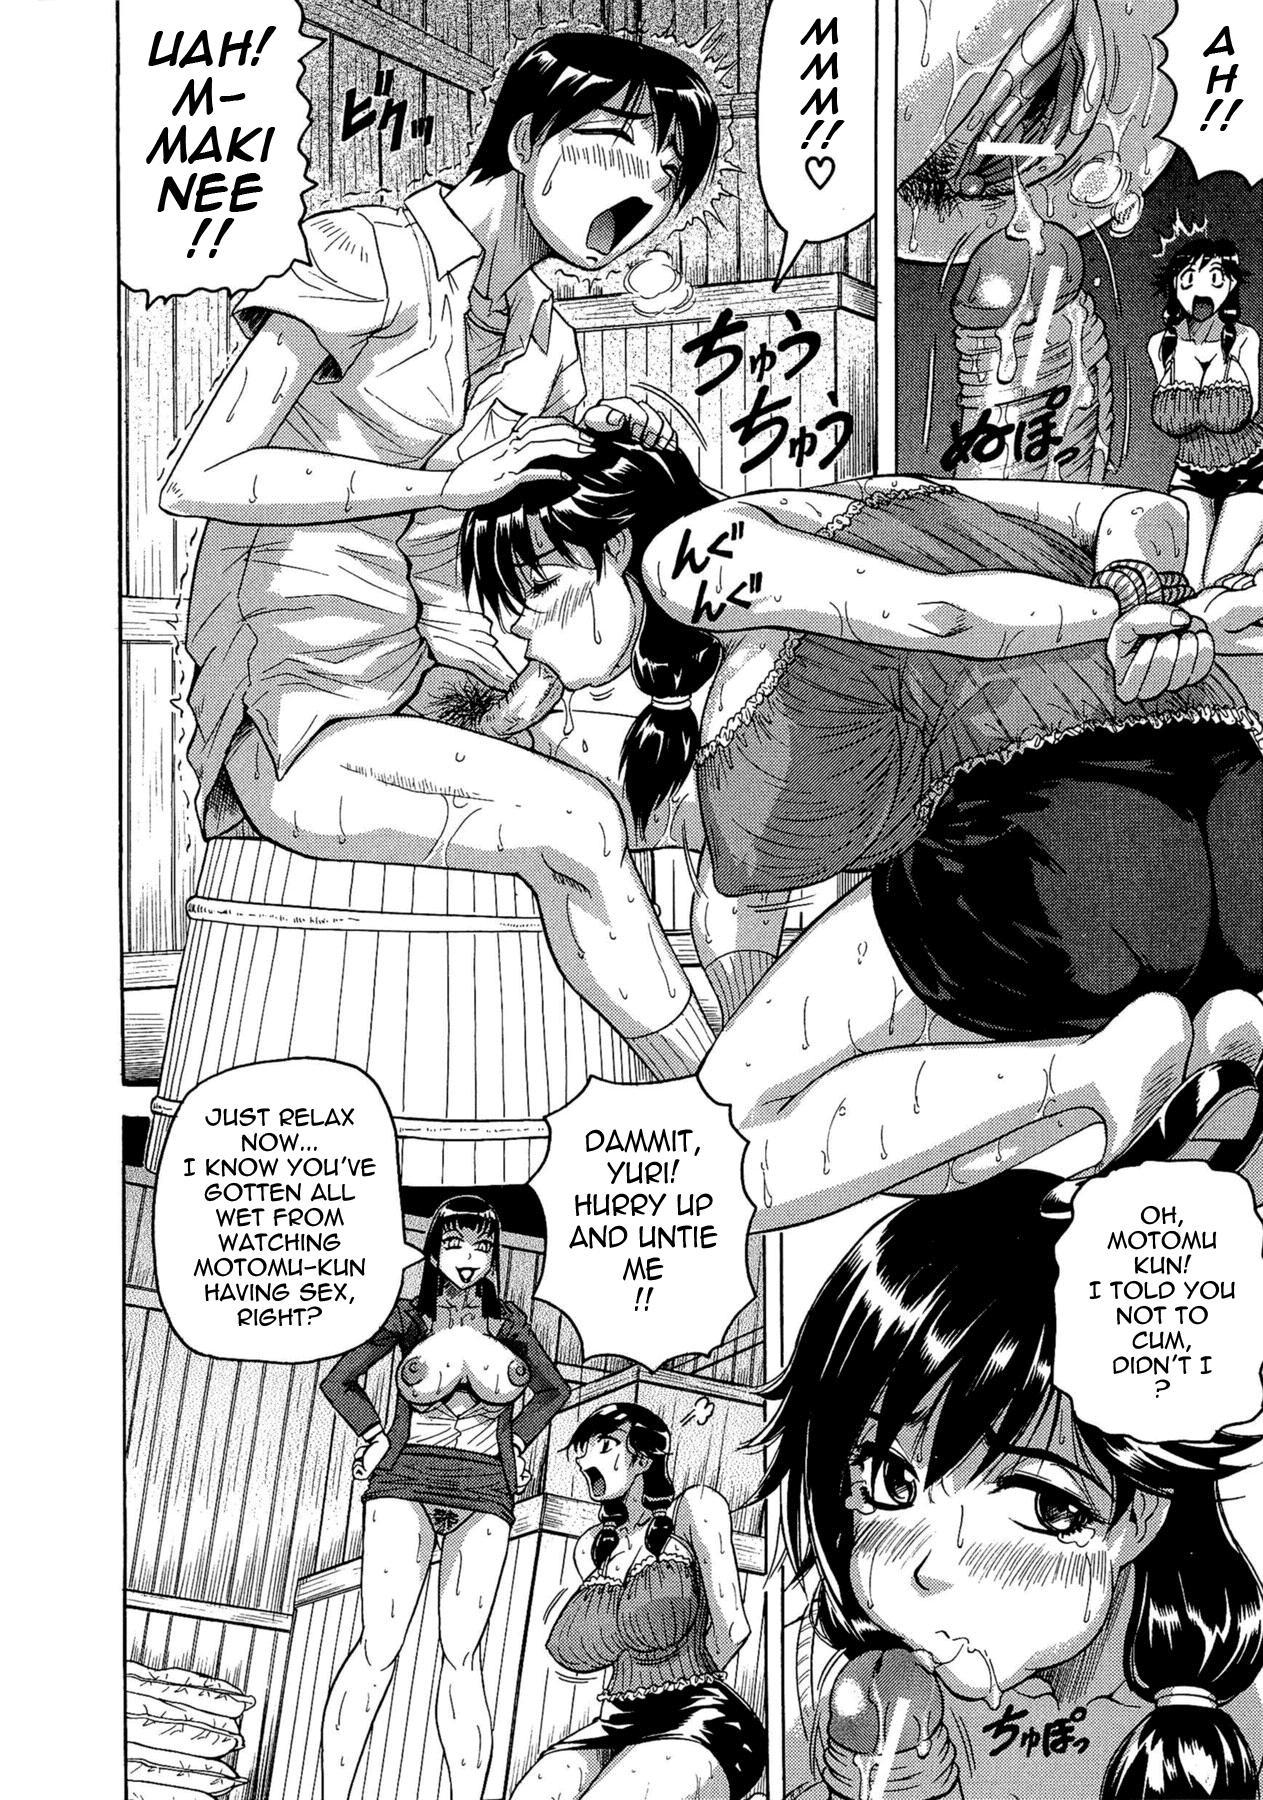 [Jamming] Koibito ha Tonari no Oneesan (Hatsujyouki) | My Lover is the Girl Next Door [English] {Tadanohito} 91